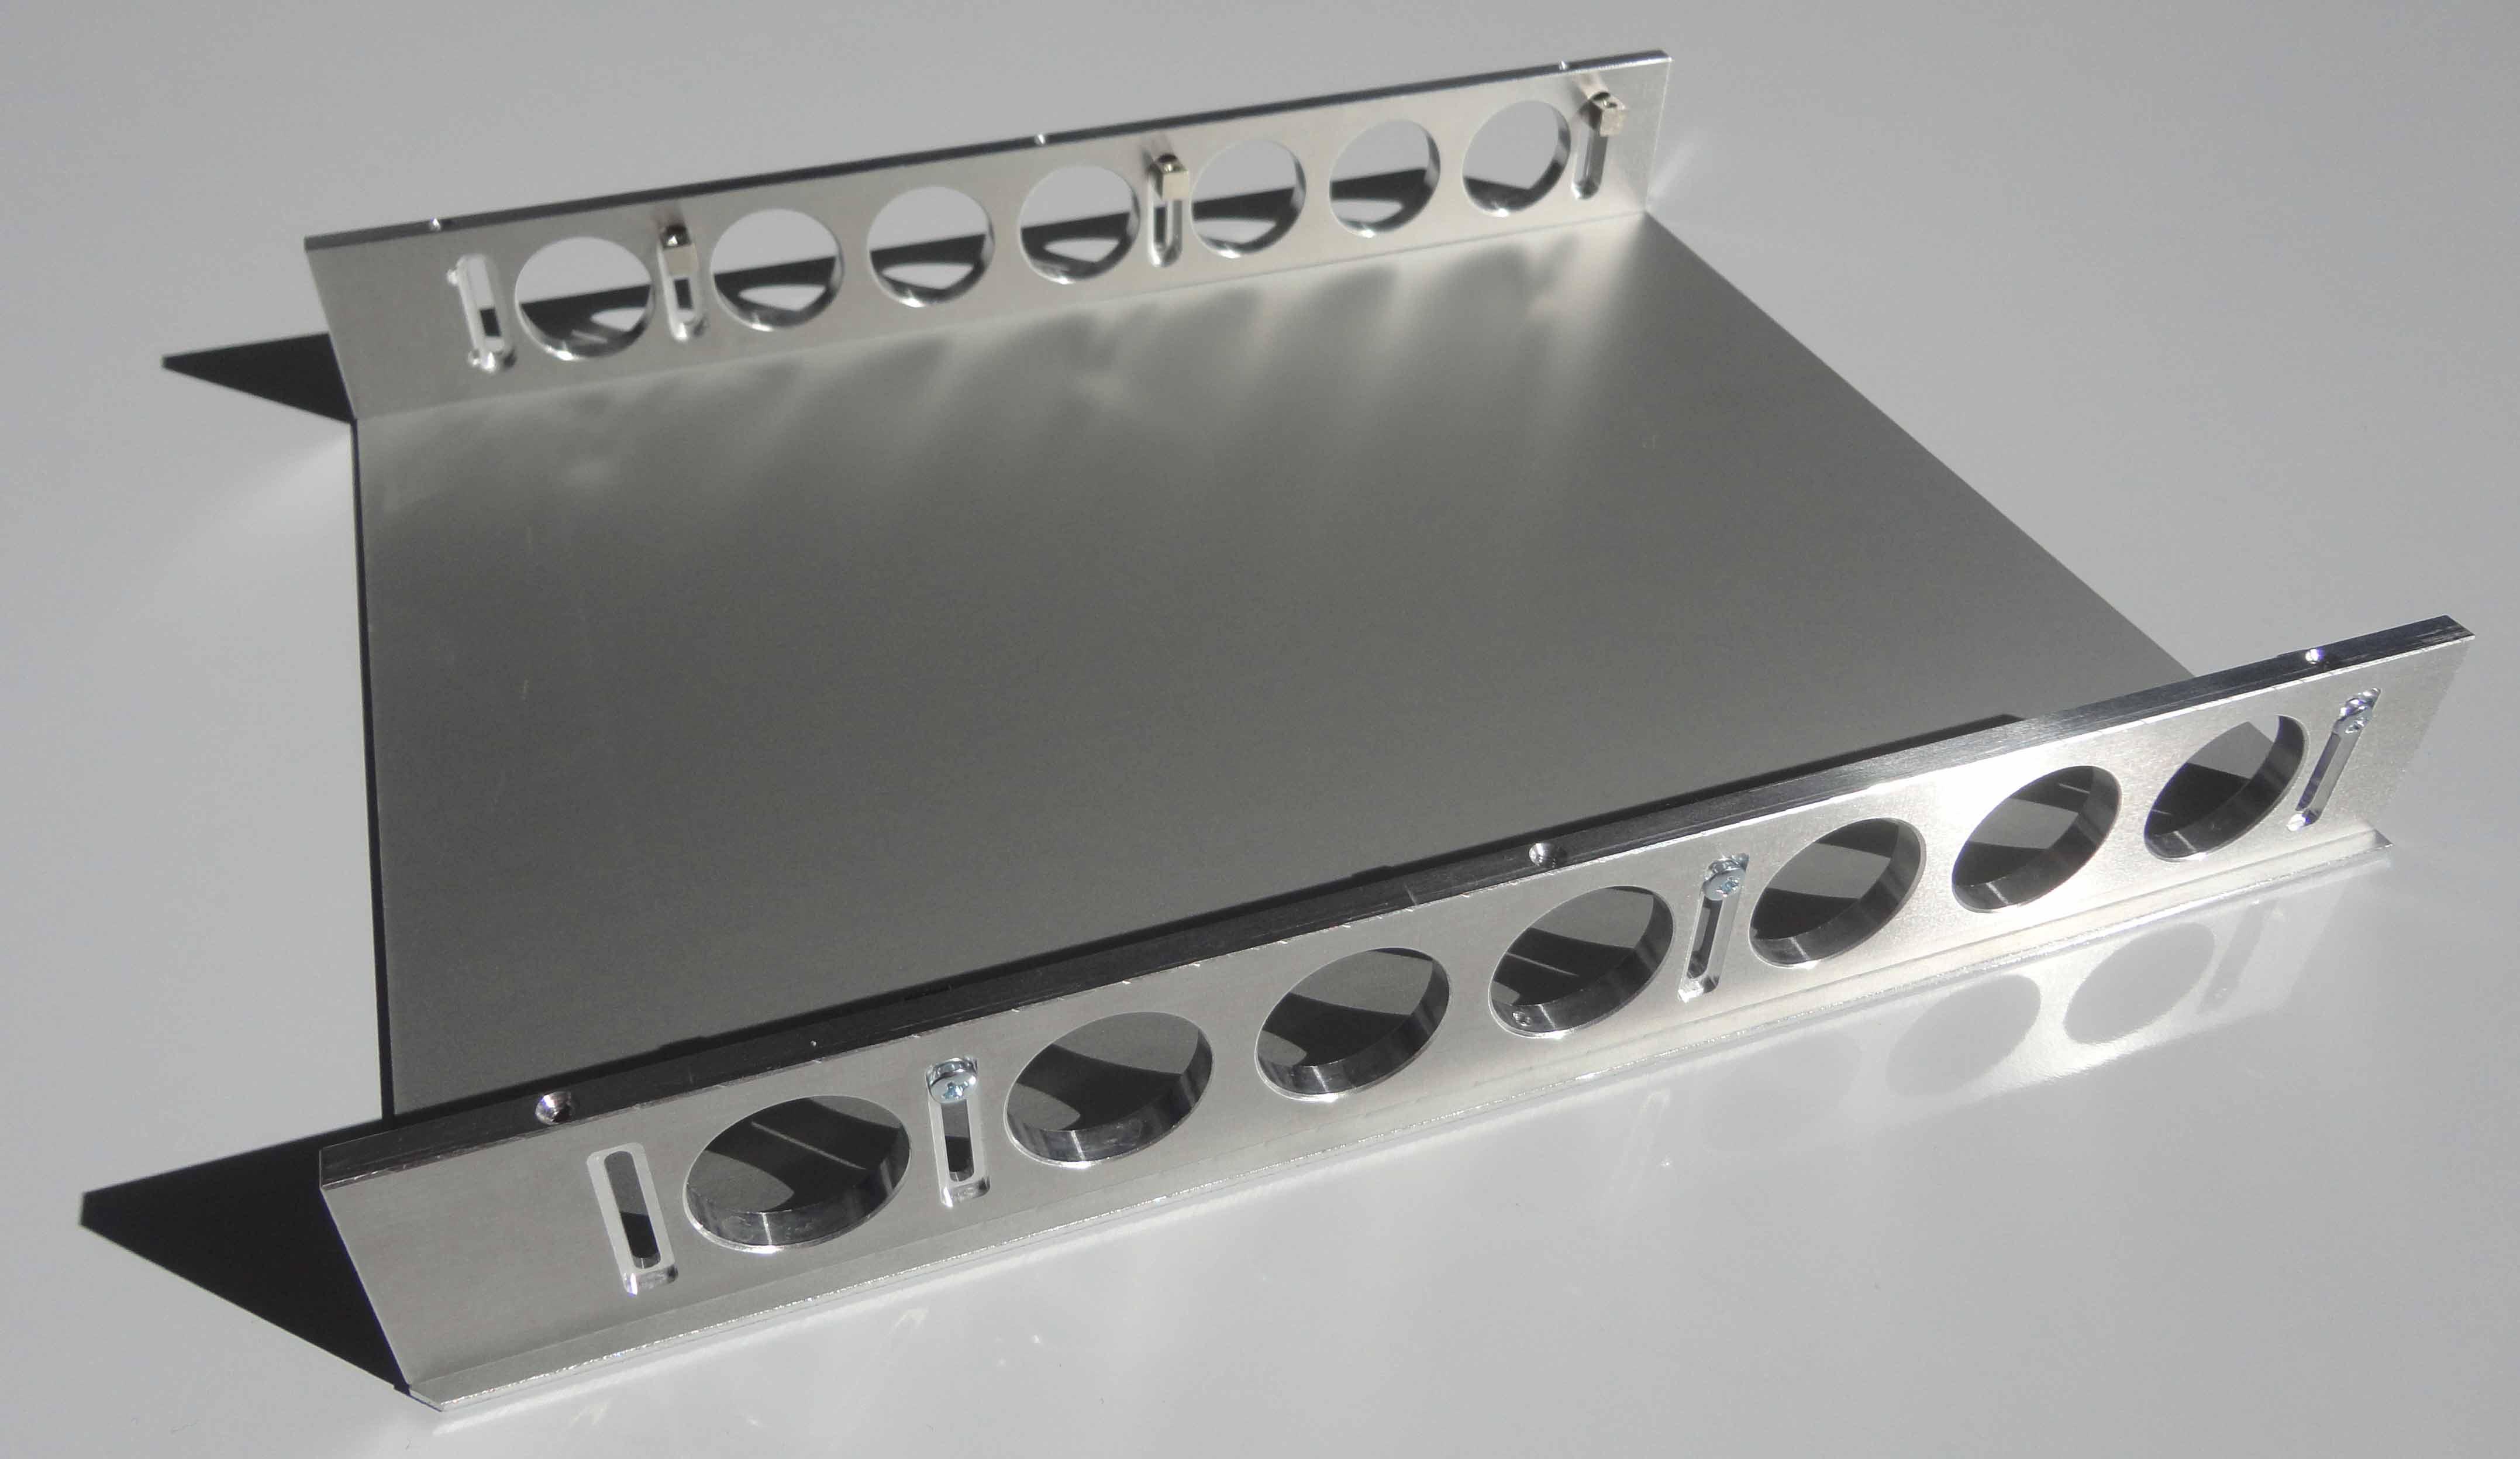 Montage kit de cassette mécanique NIM W-IE-NE-R facade droite flanc inferieur